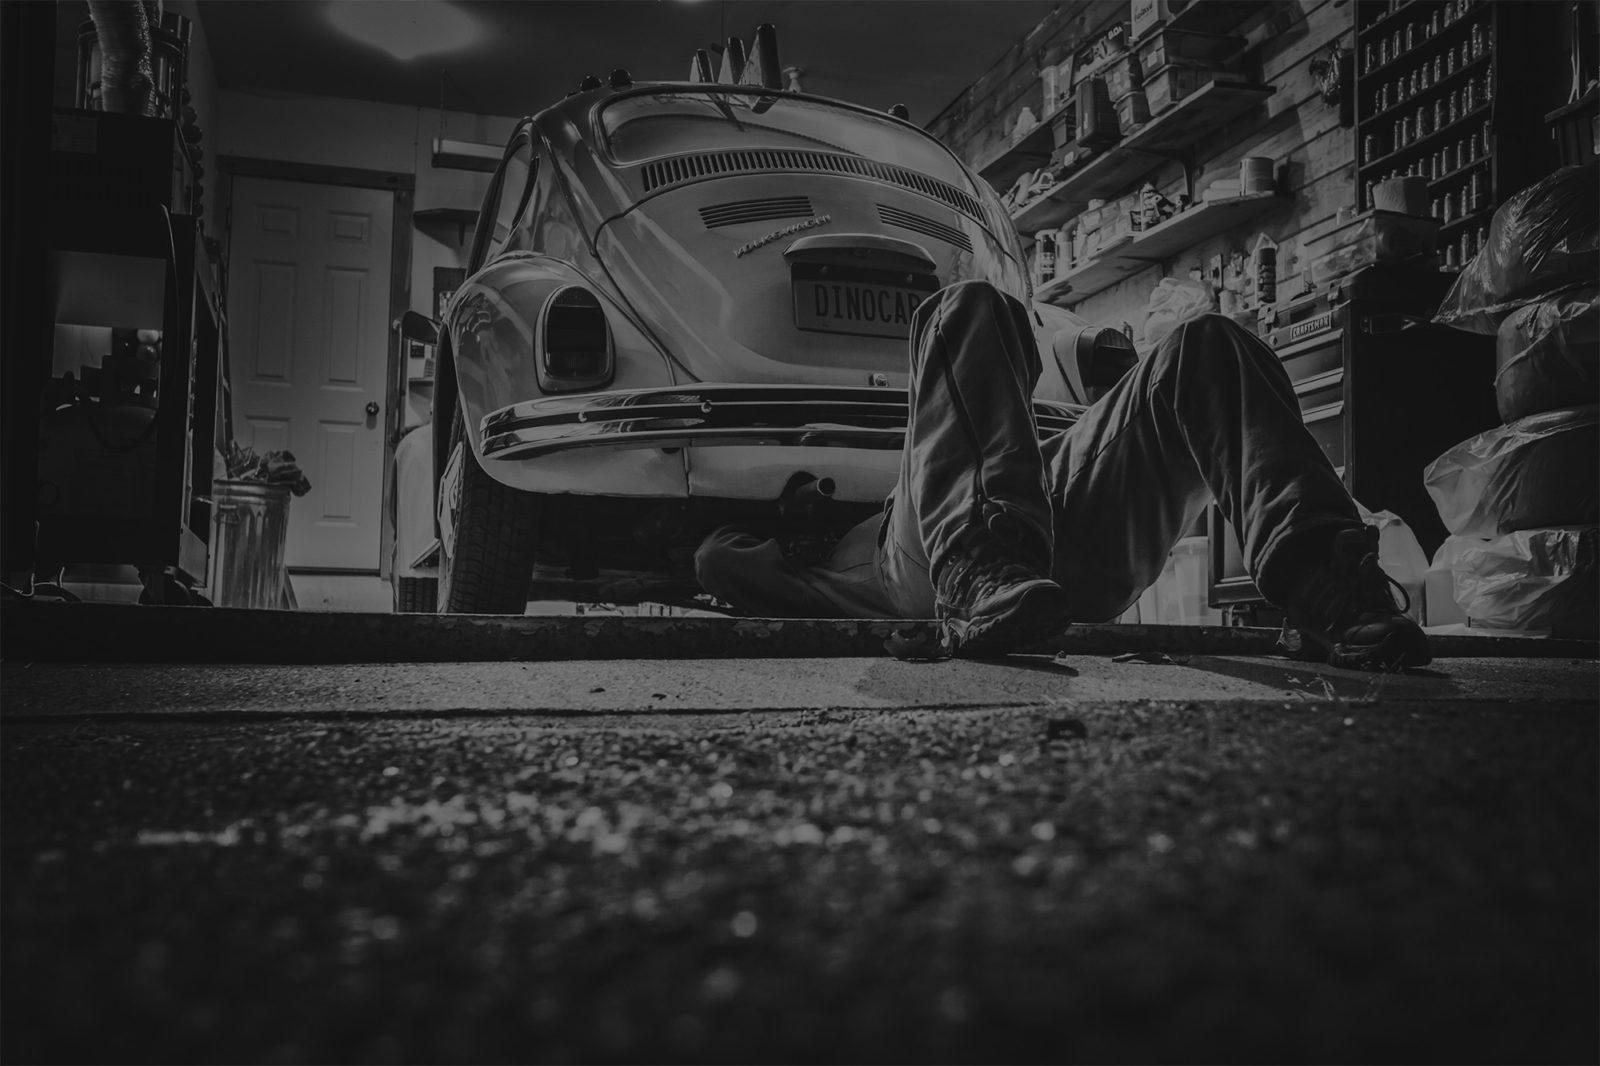 Peugeot каталог запчастей онлайн